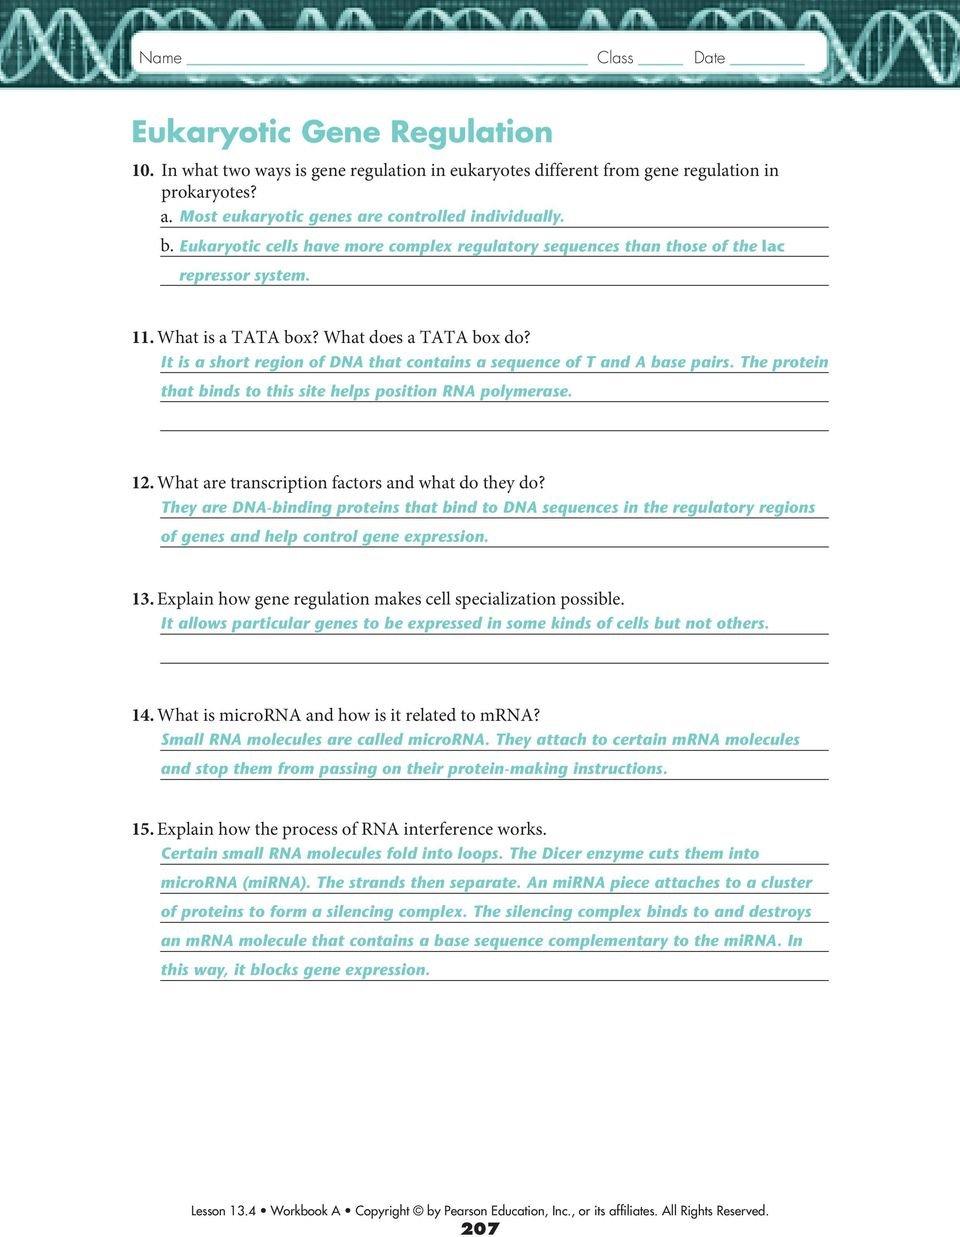 134 Gene Regulation And Expression  Pdf Together With Gene Regulation And Expression Worksheet Answers